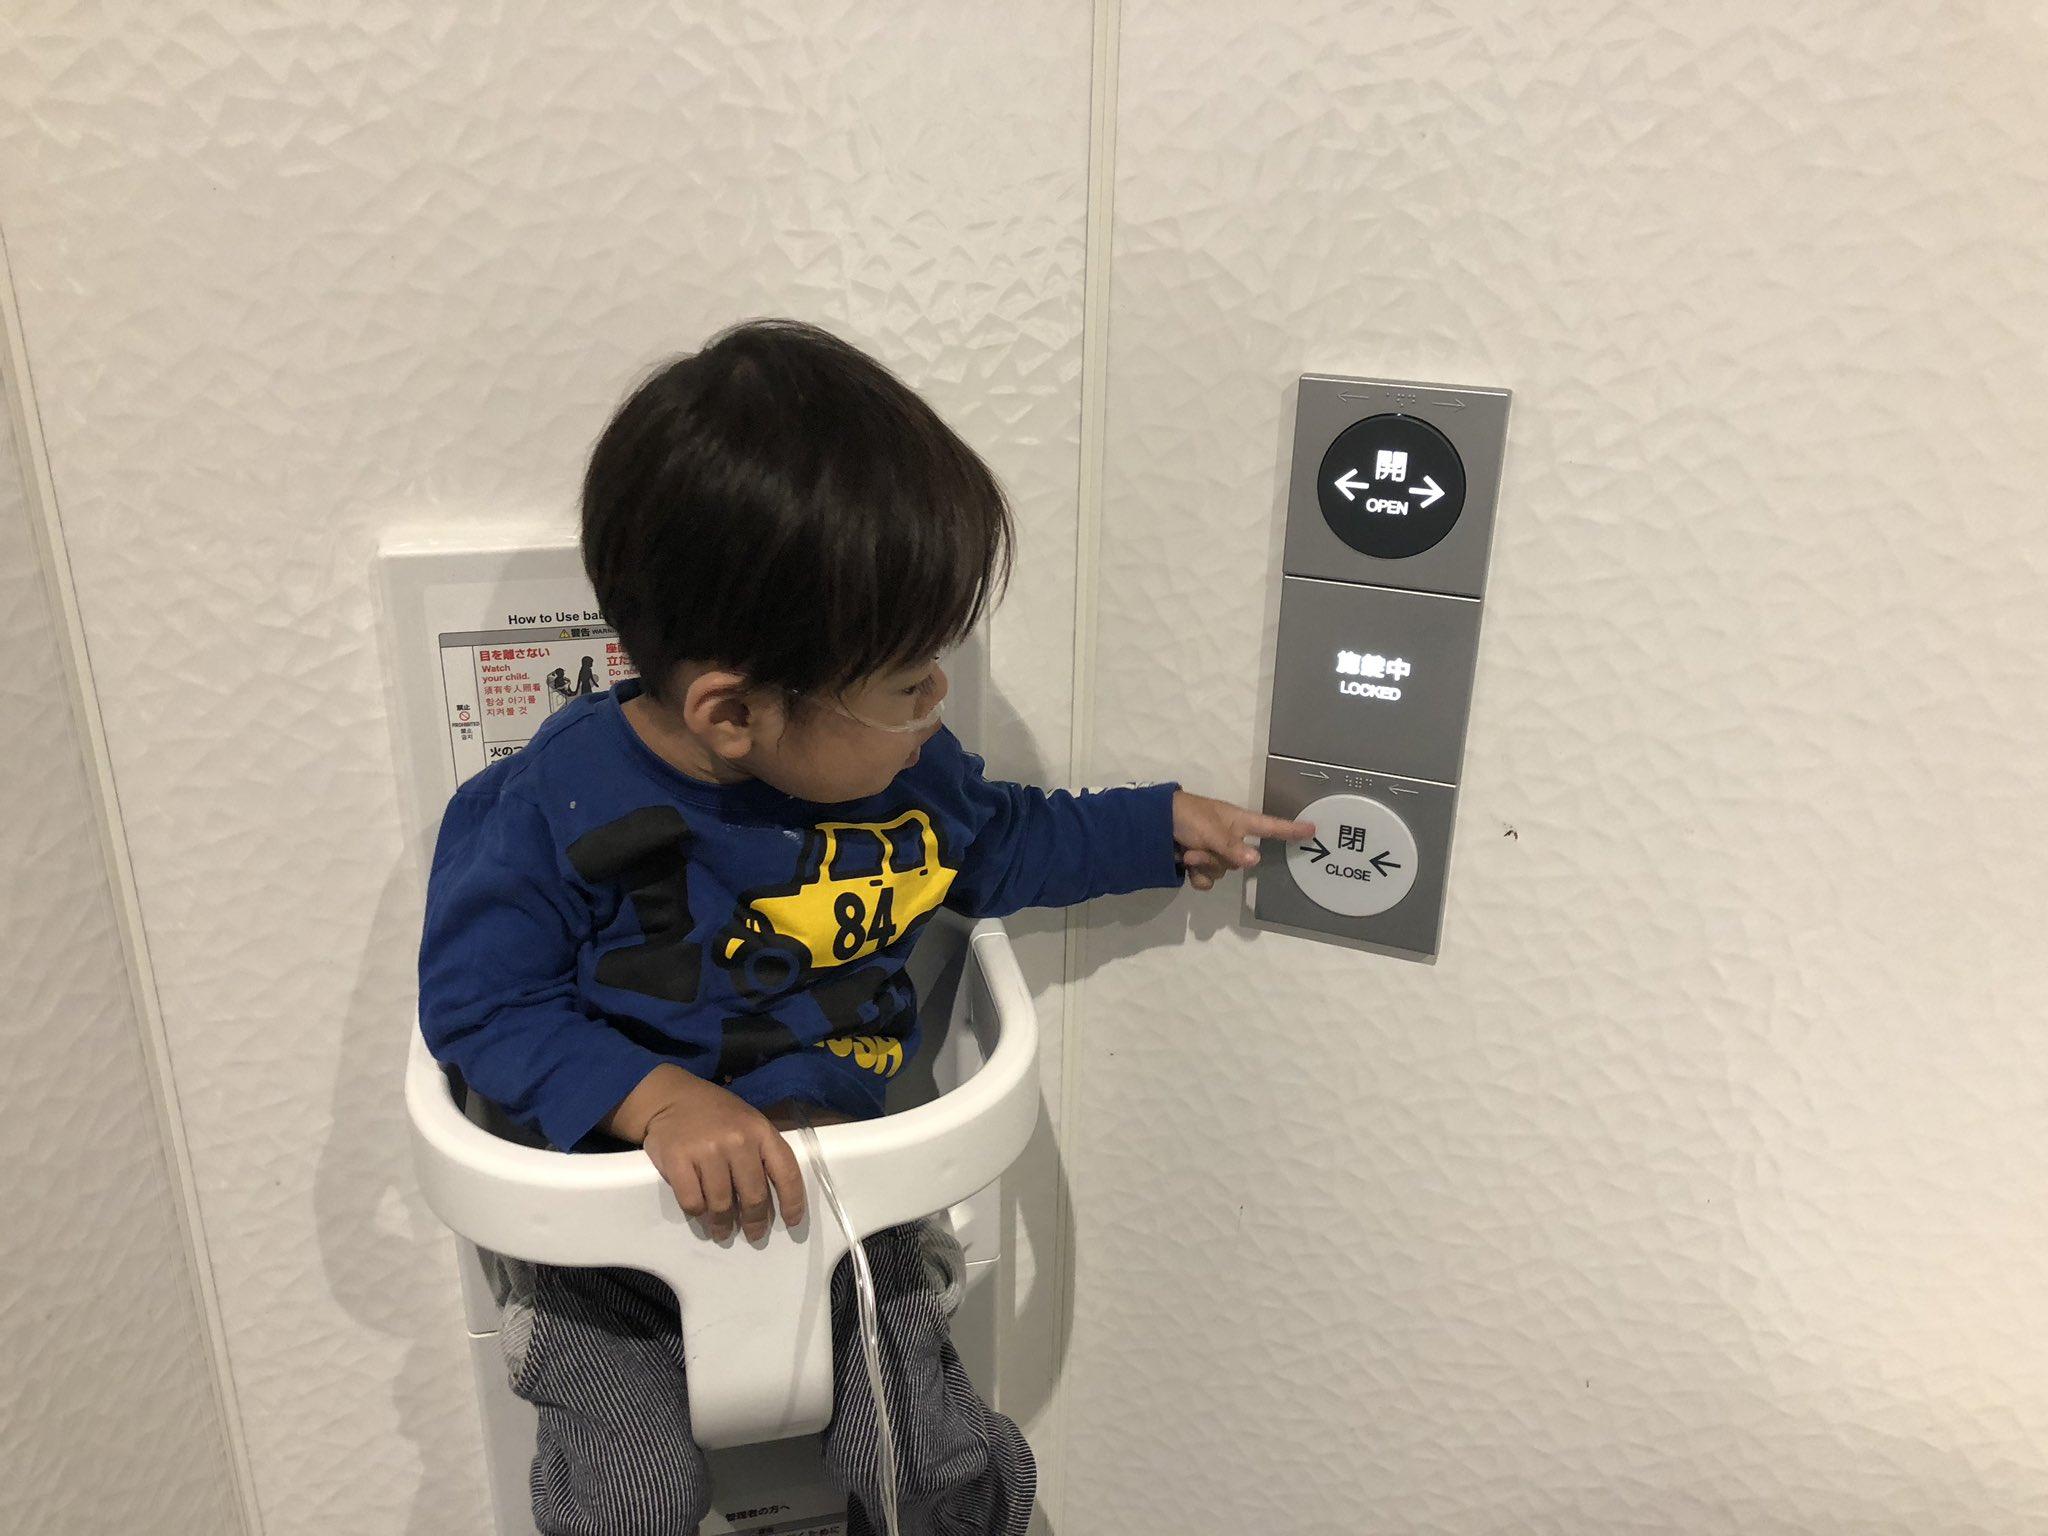 そんな所にボタンがwww多目的トイレでの驚き!子どもは飽きないねと感じました!